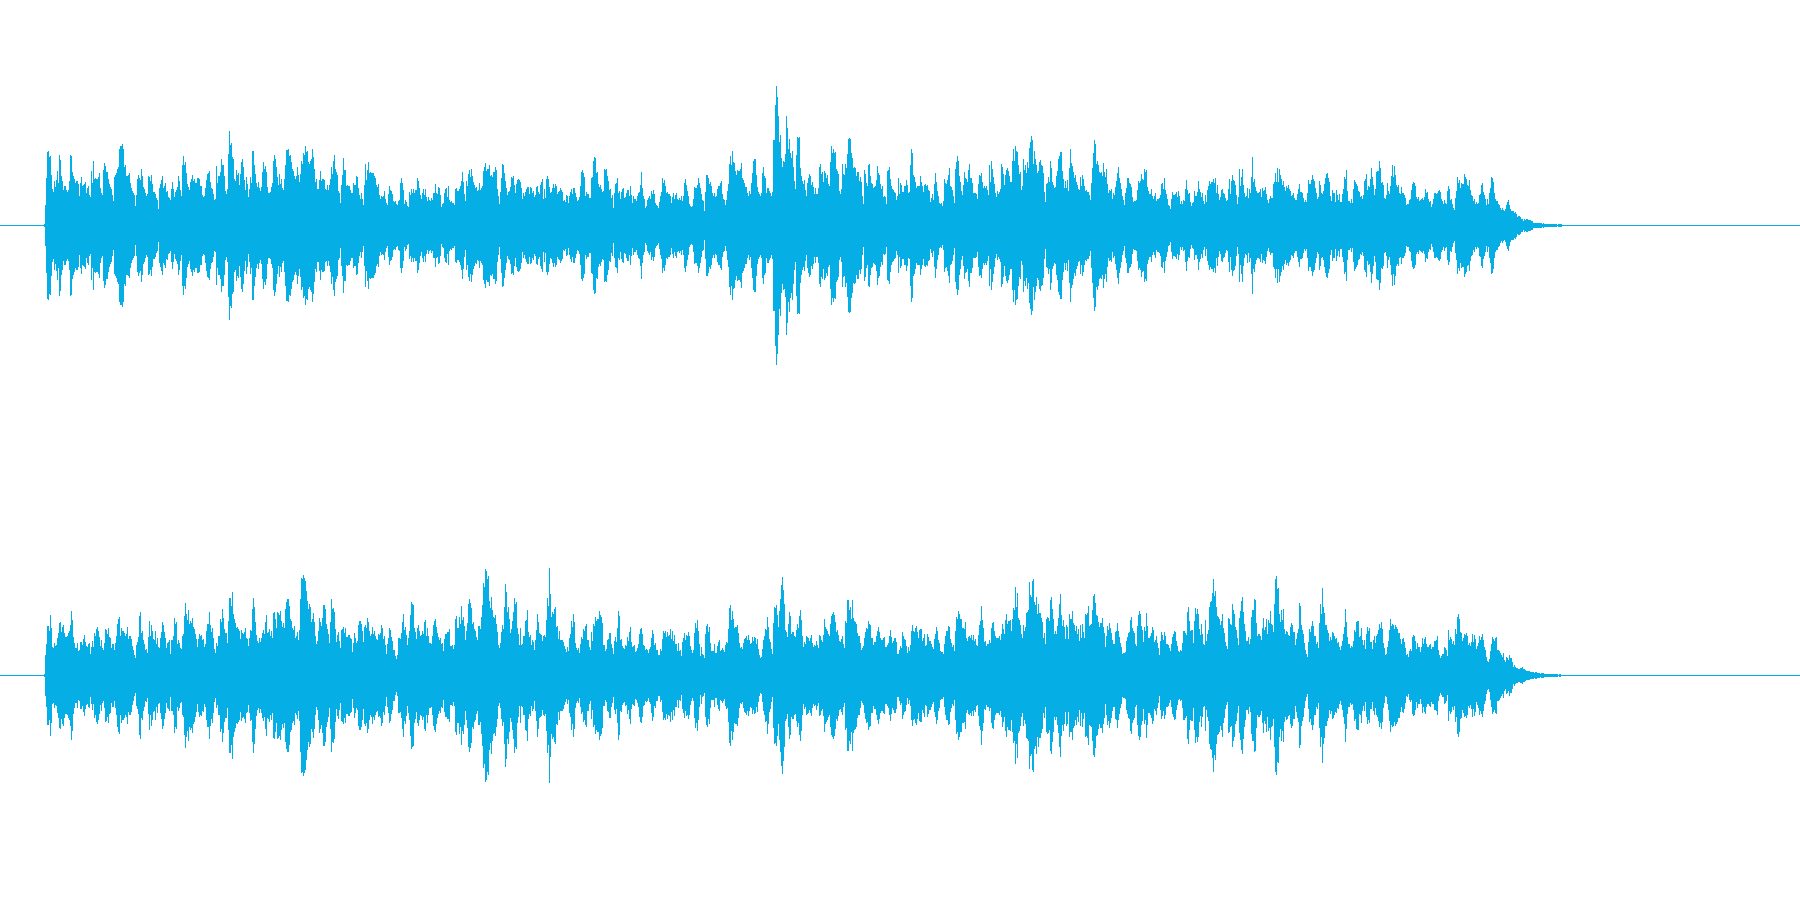 テクノの近未来的なジングル、サウンドロゴの再生済みの波形